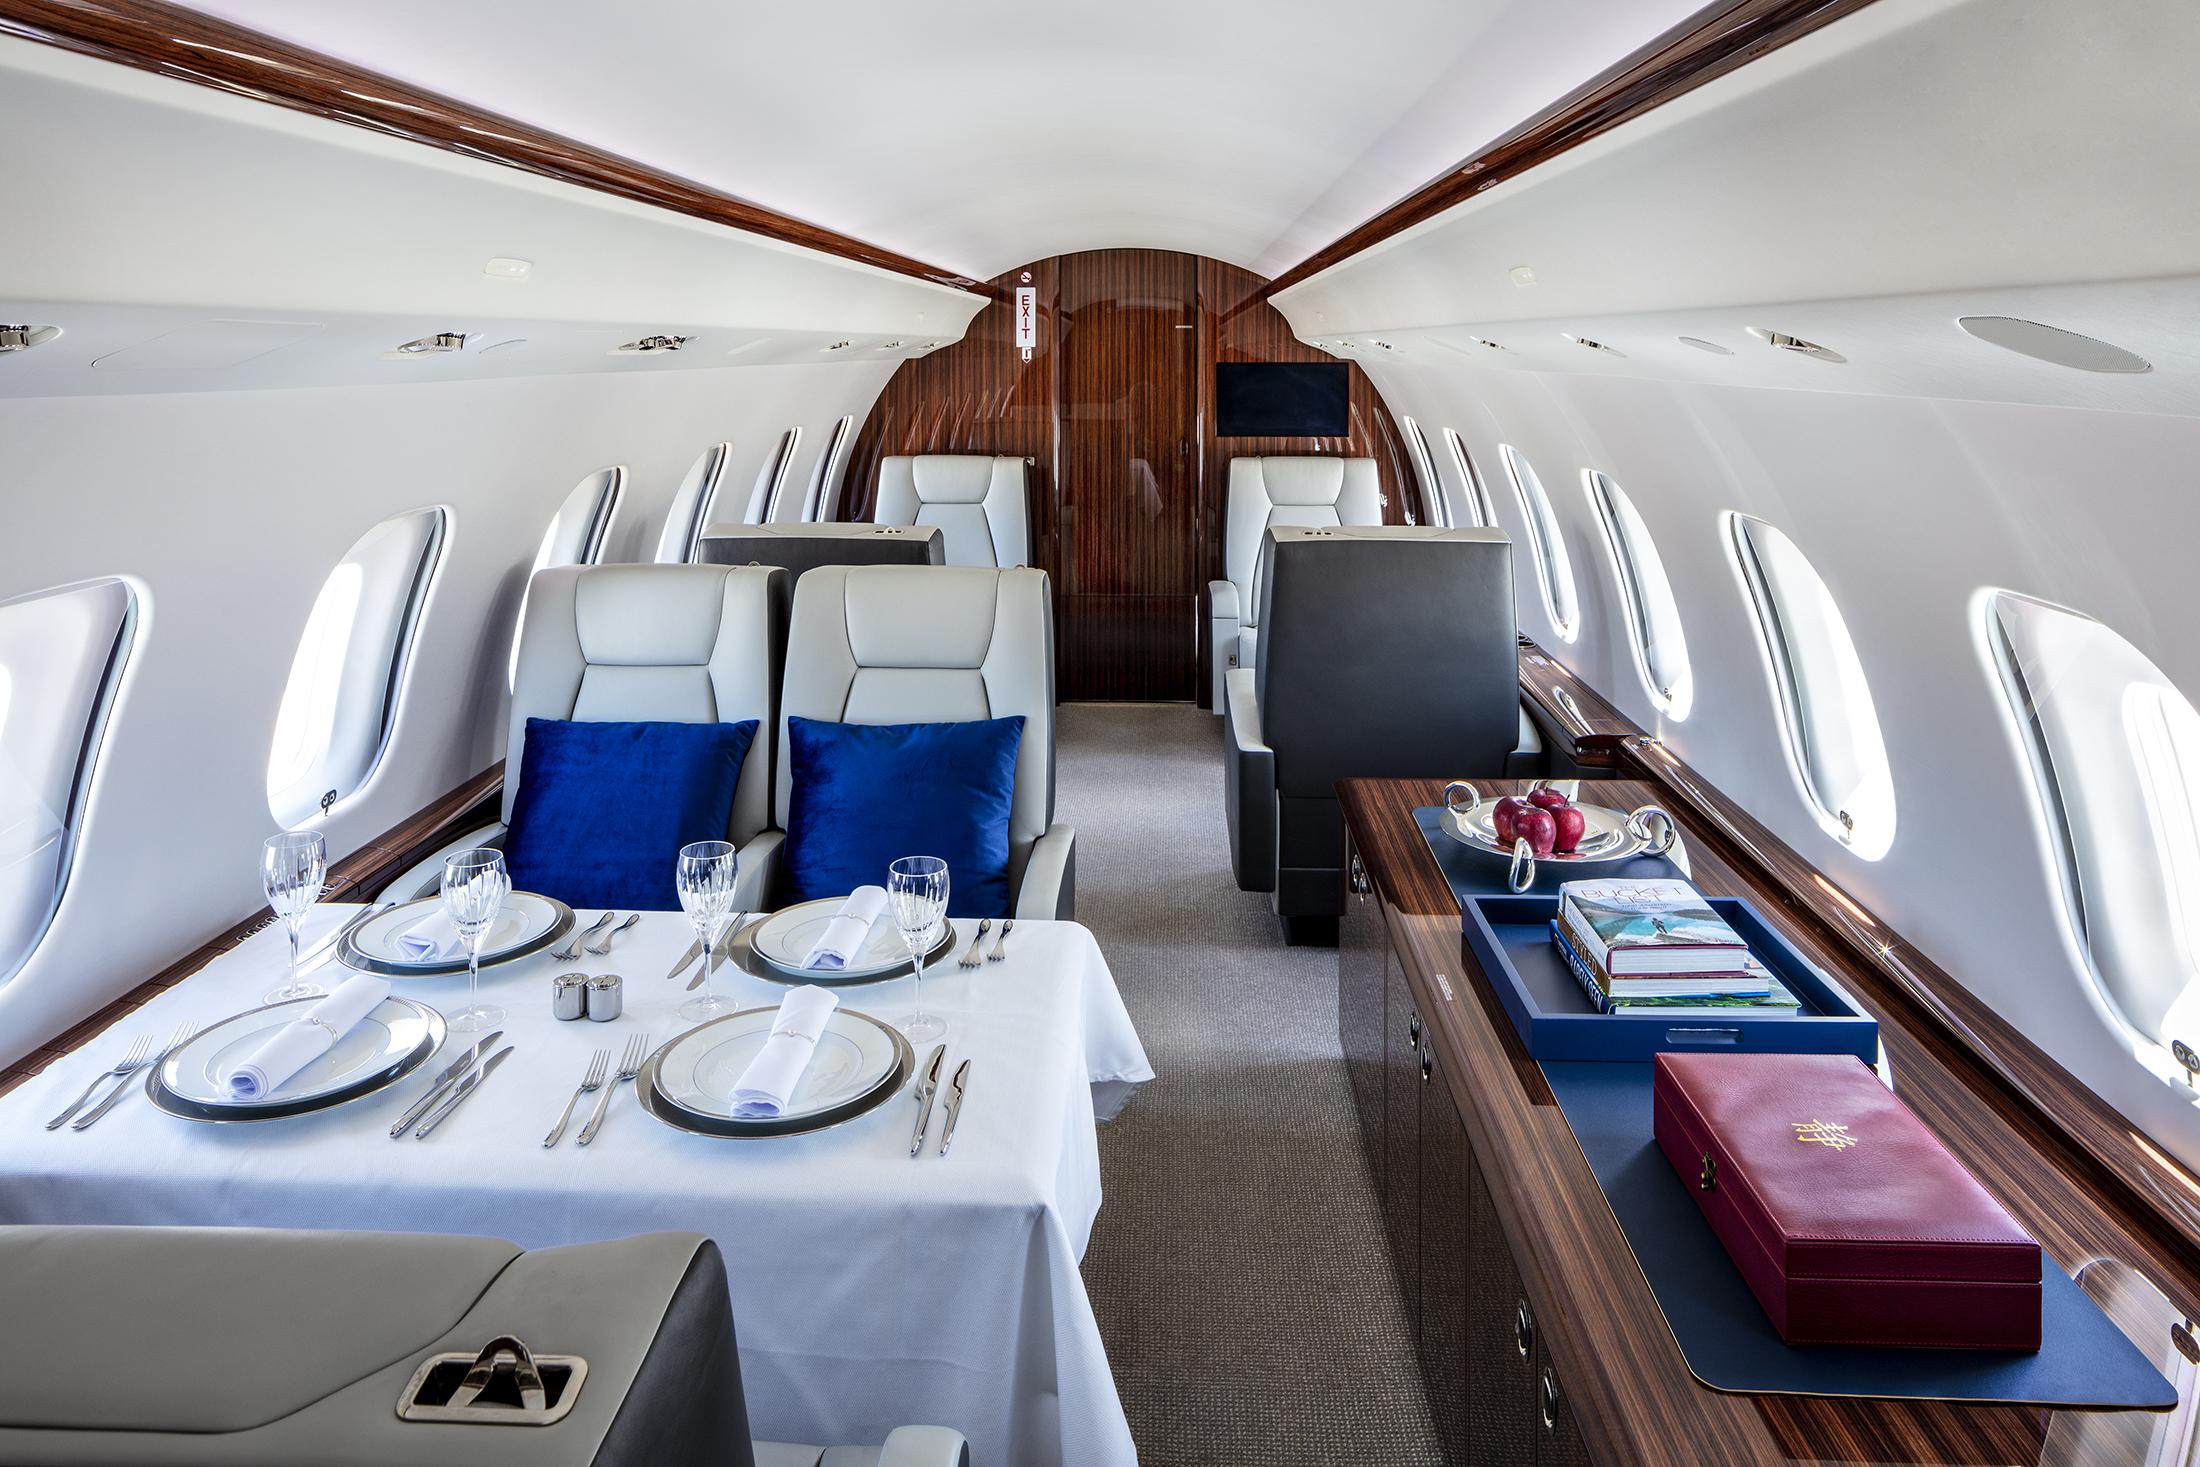 Private jet plane interior